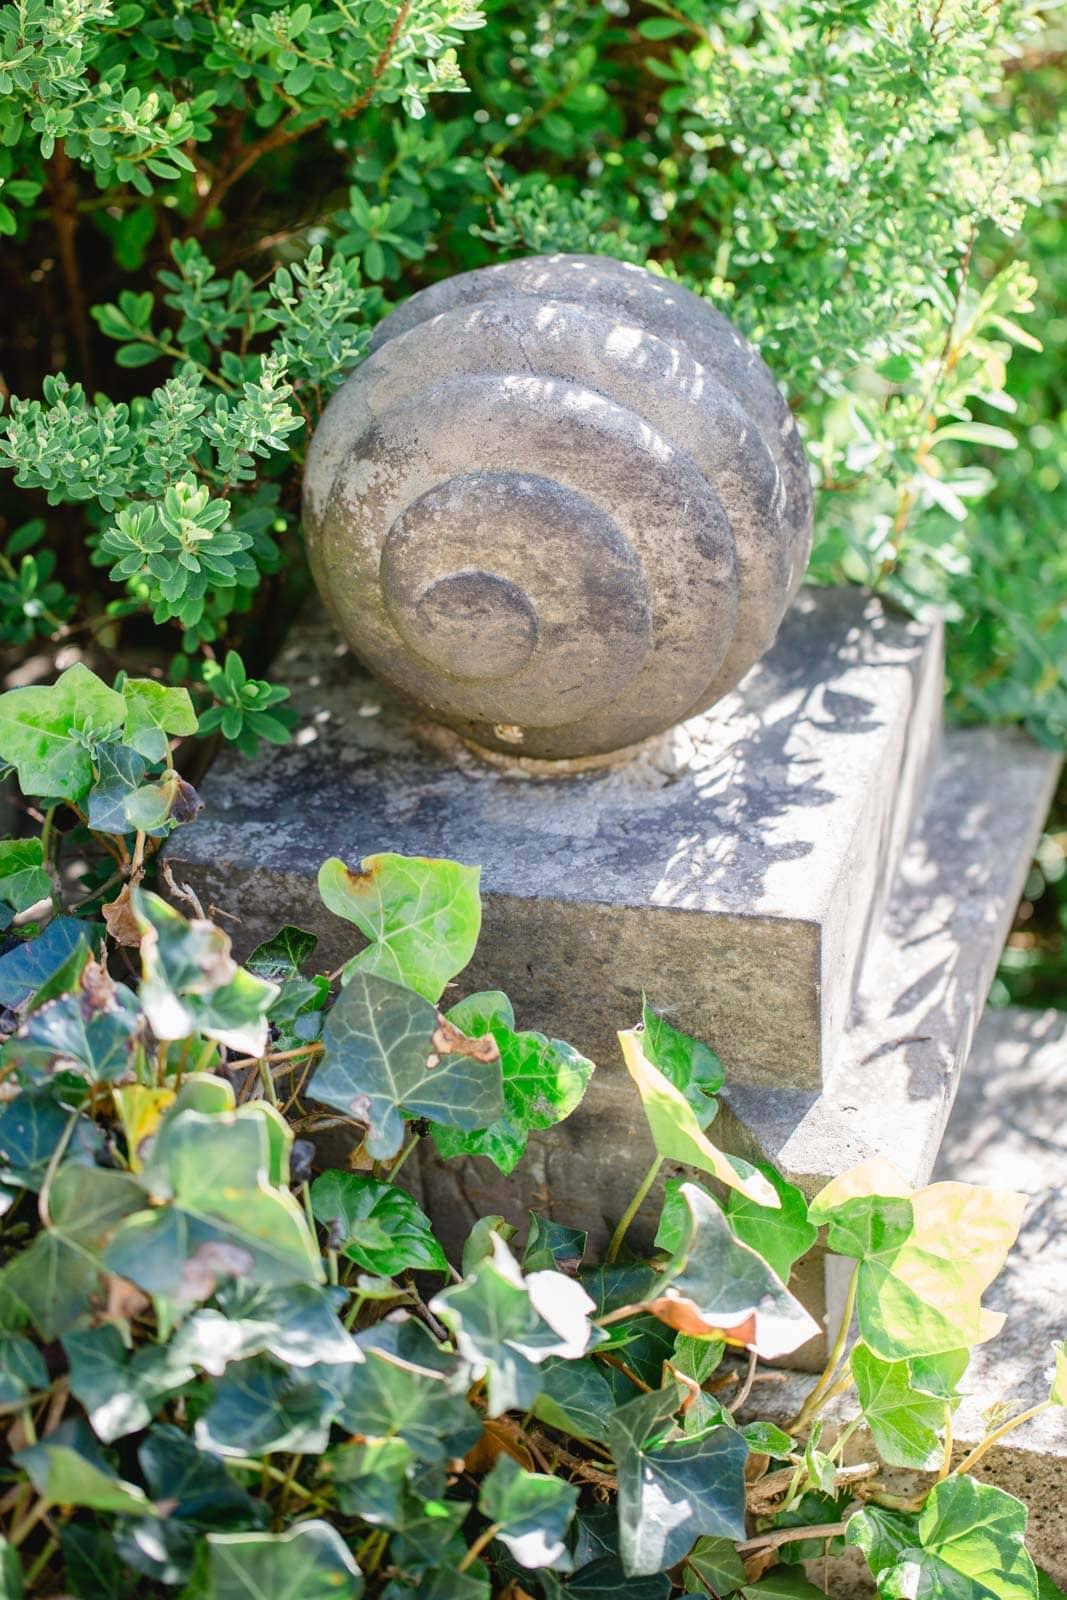 @Südsteiermark Garten Polz Renate Stressbewältigung Naturcoaching Meditation Trauerbegleitung Krisenbewältigung Familienaufstellung mit der Tetralemmaaufstellung Zeit für Dich mit Renate Polz im Polz Garten